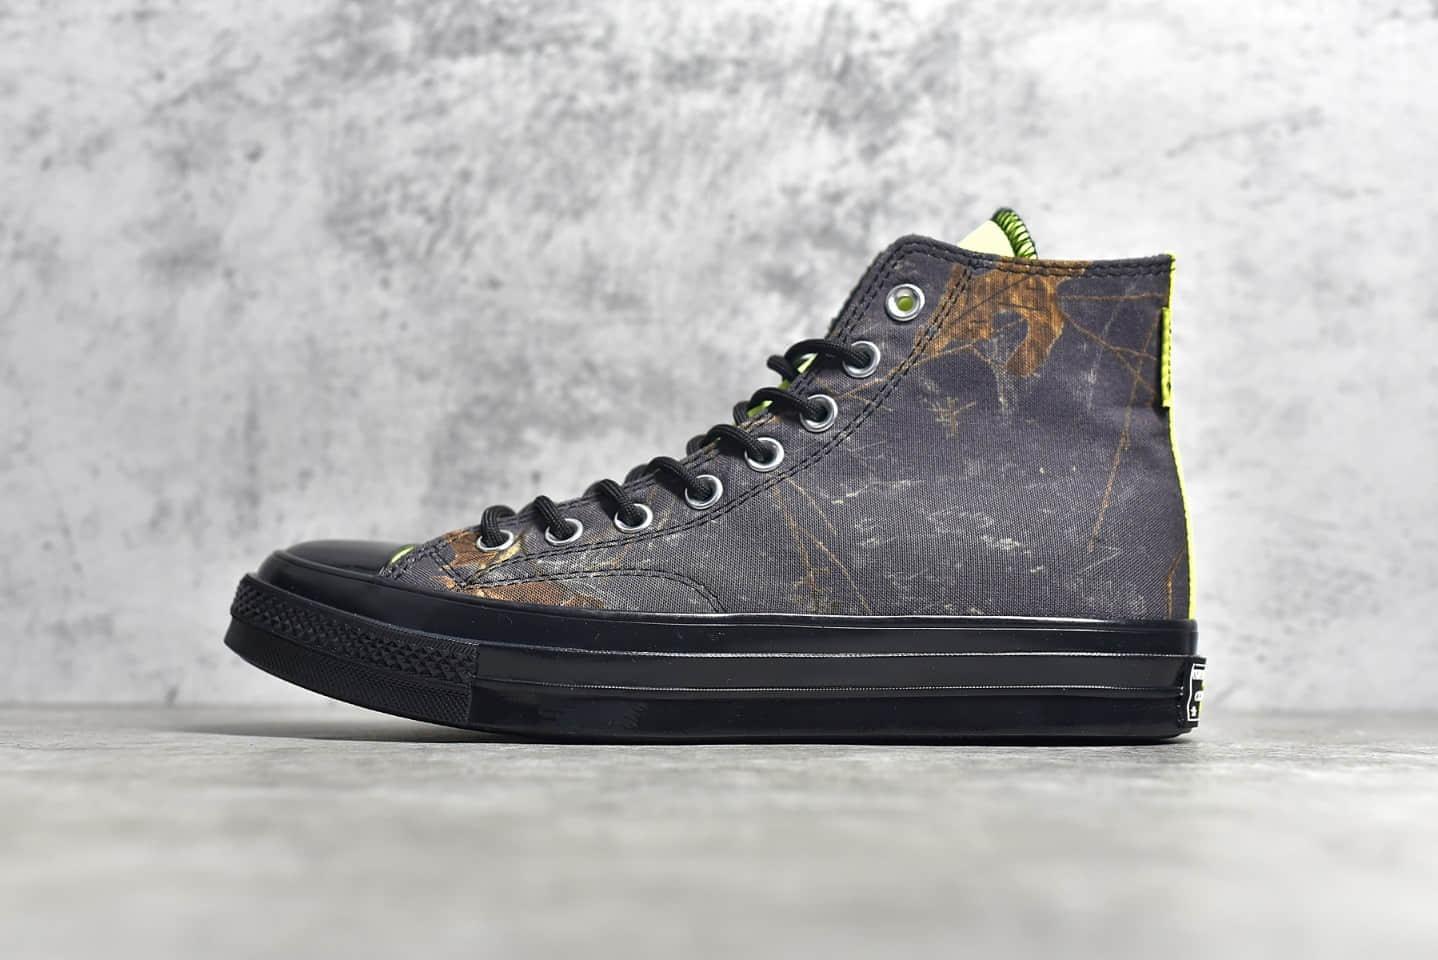 匡威张艺兴同款黑色高帮 Converse GORE-TEX鞋面 匡威新兴城市机能系列 货号:169364C-潮流者之家